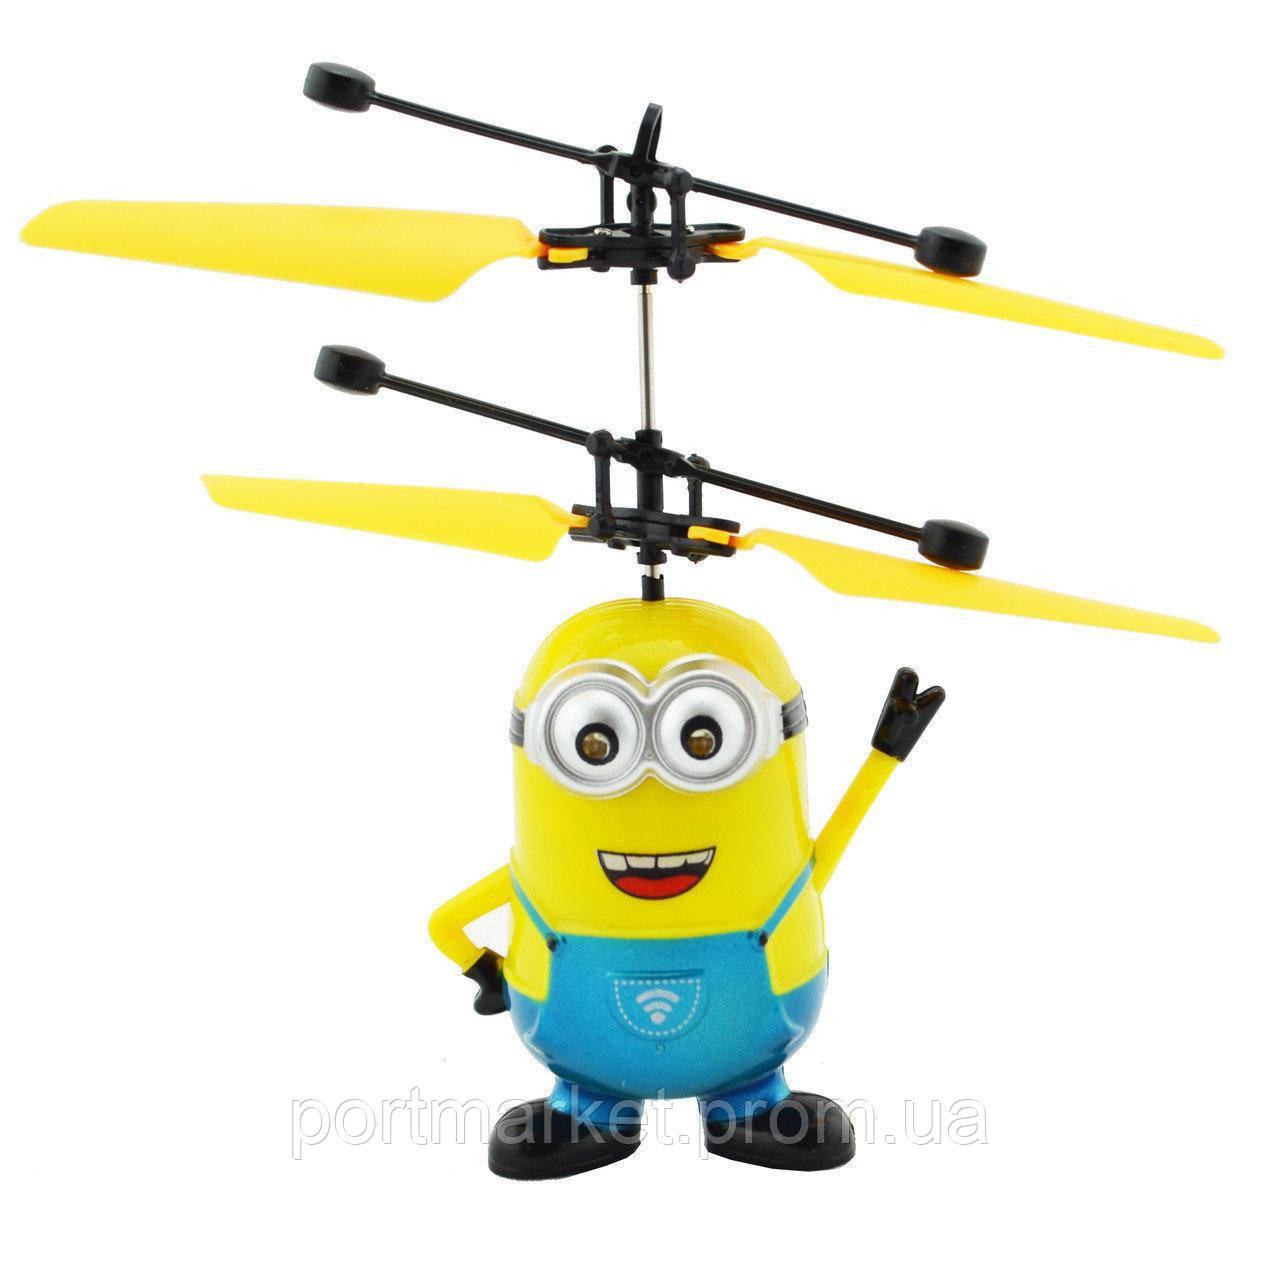 Игрушка летающий миньон с подсветкой (вертолет)